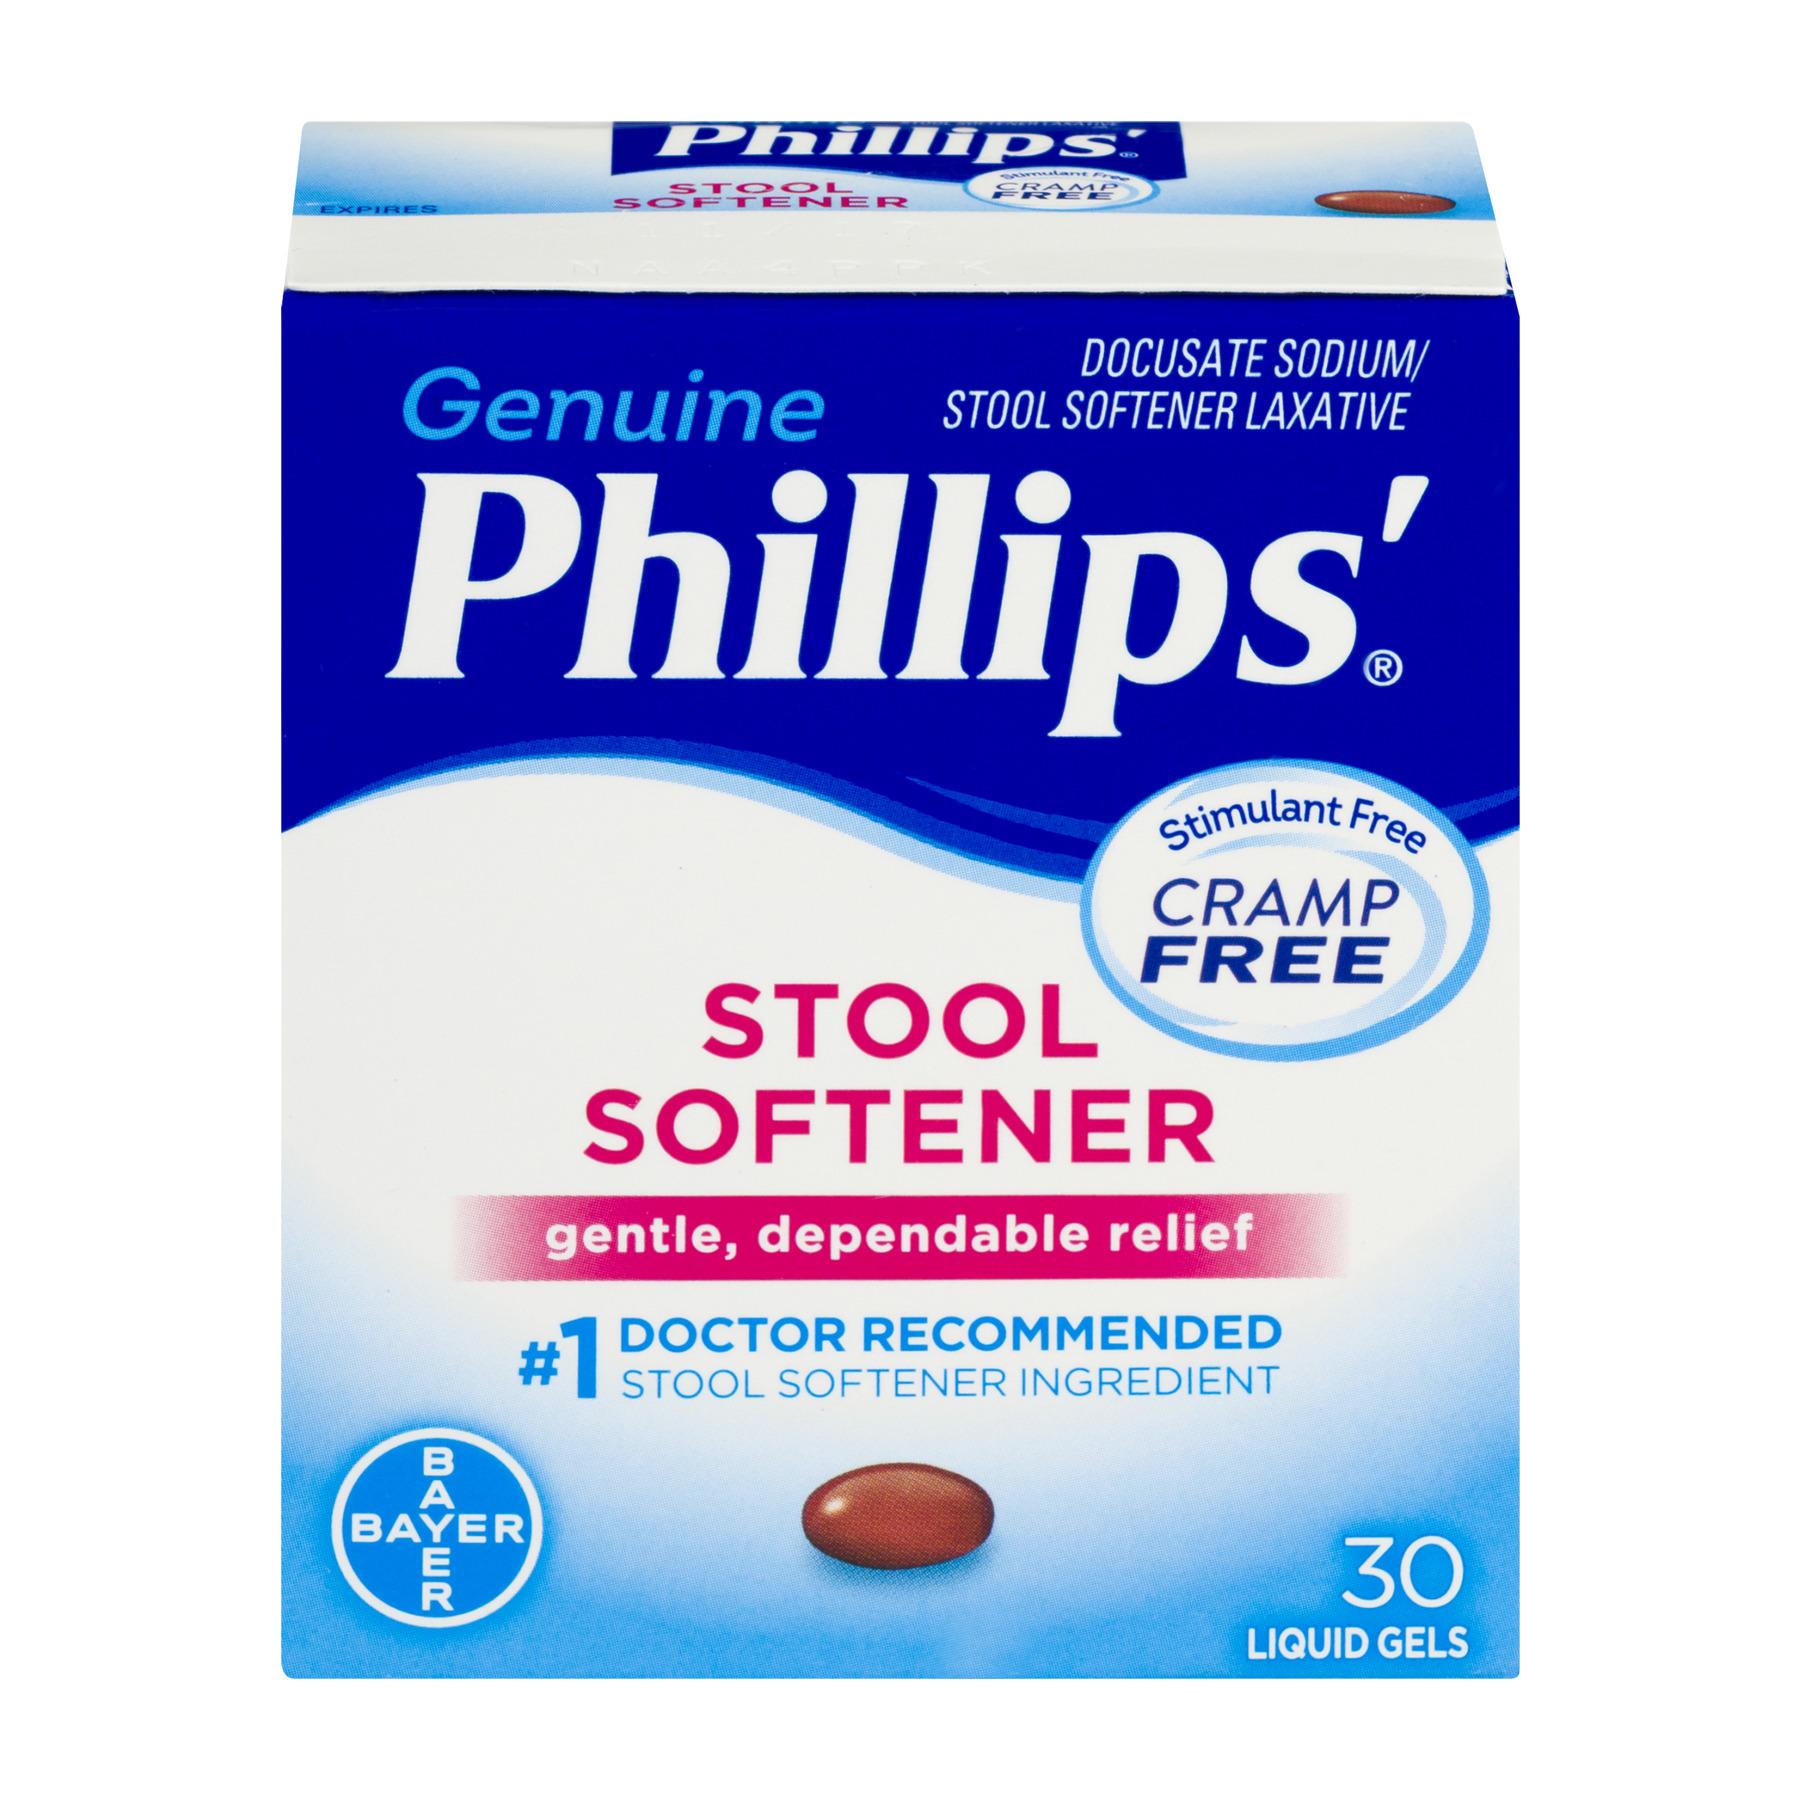 Phillips' Genuine Stool Softener Liquid Gels, 30 count